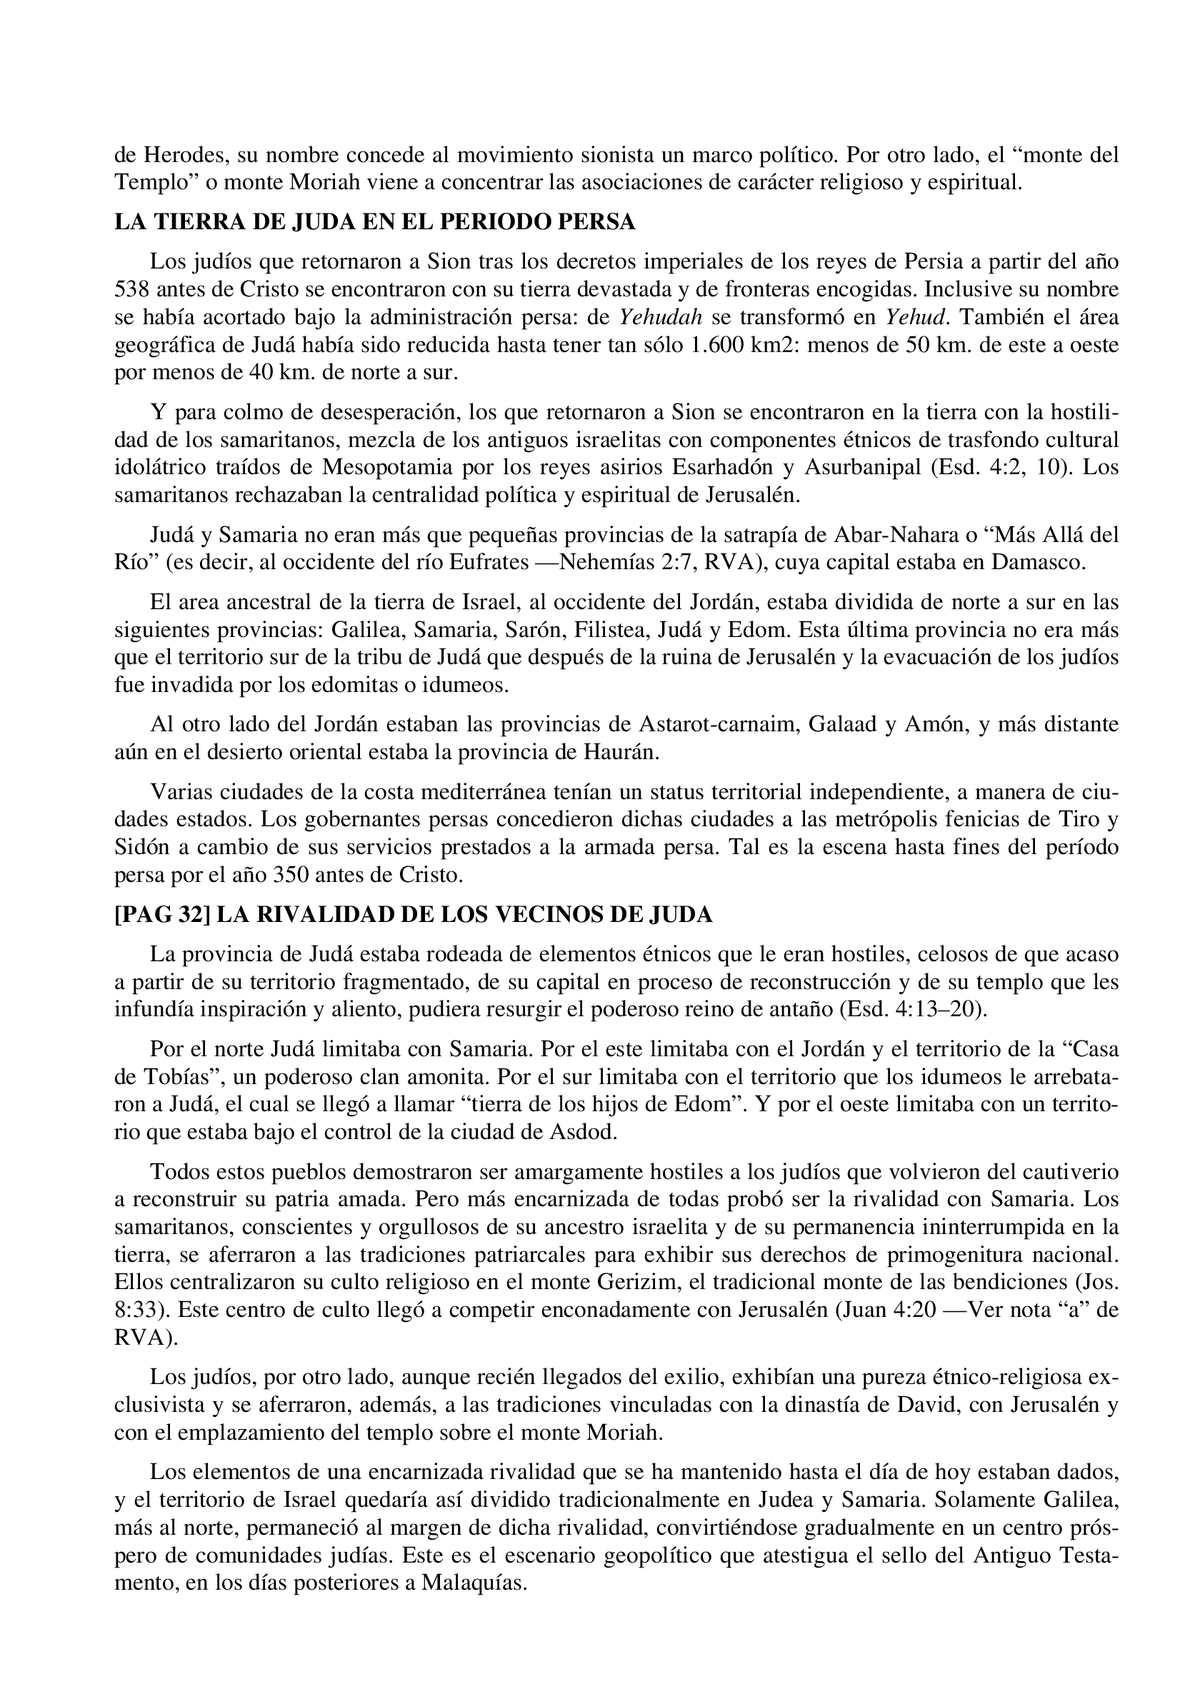 I Samuel, II Samuel y I de Crónicas CBMH Tomo 5 - CALAMEO Downloader